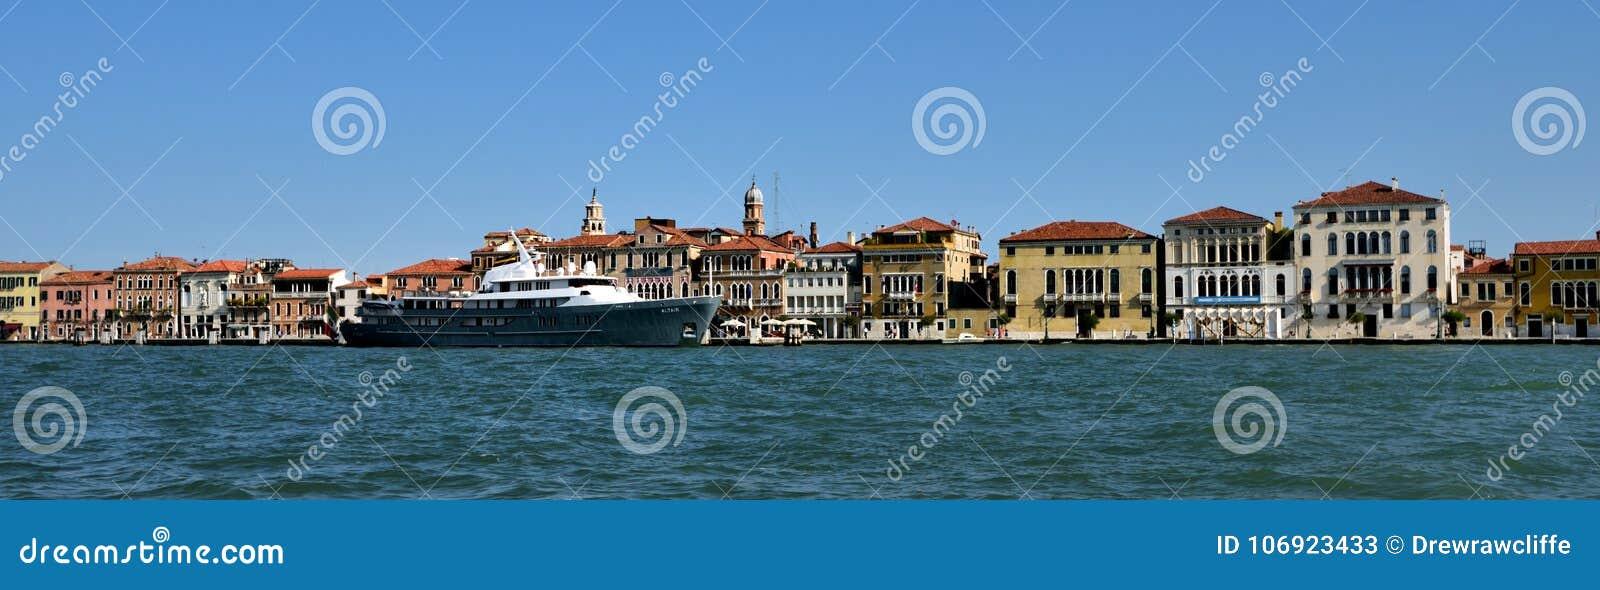 Statki i wodny przód Wenecja